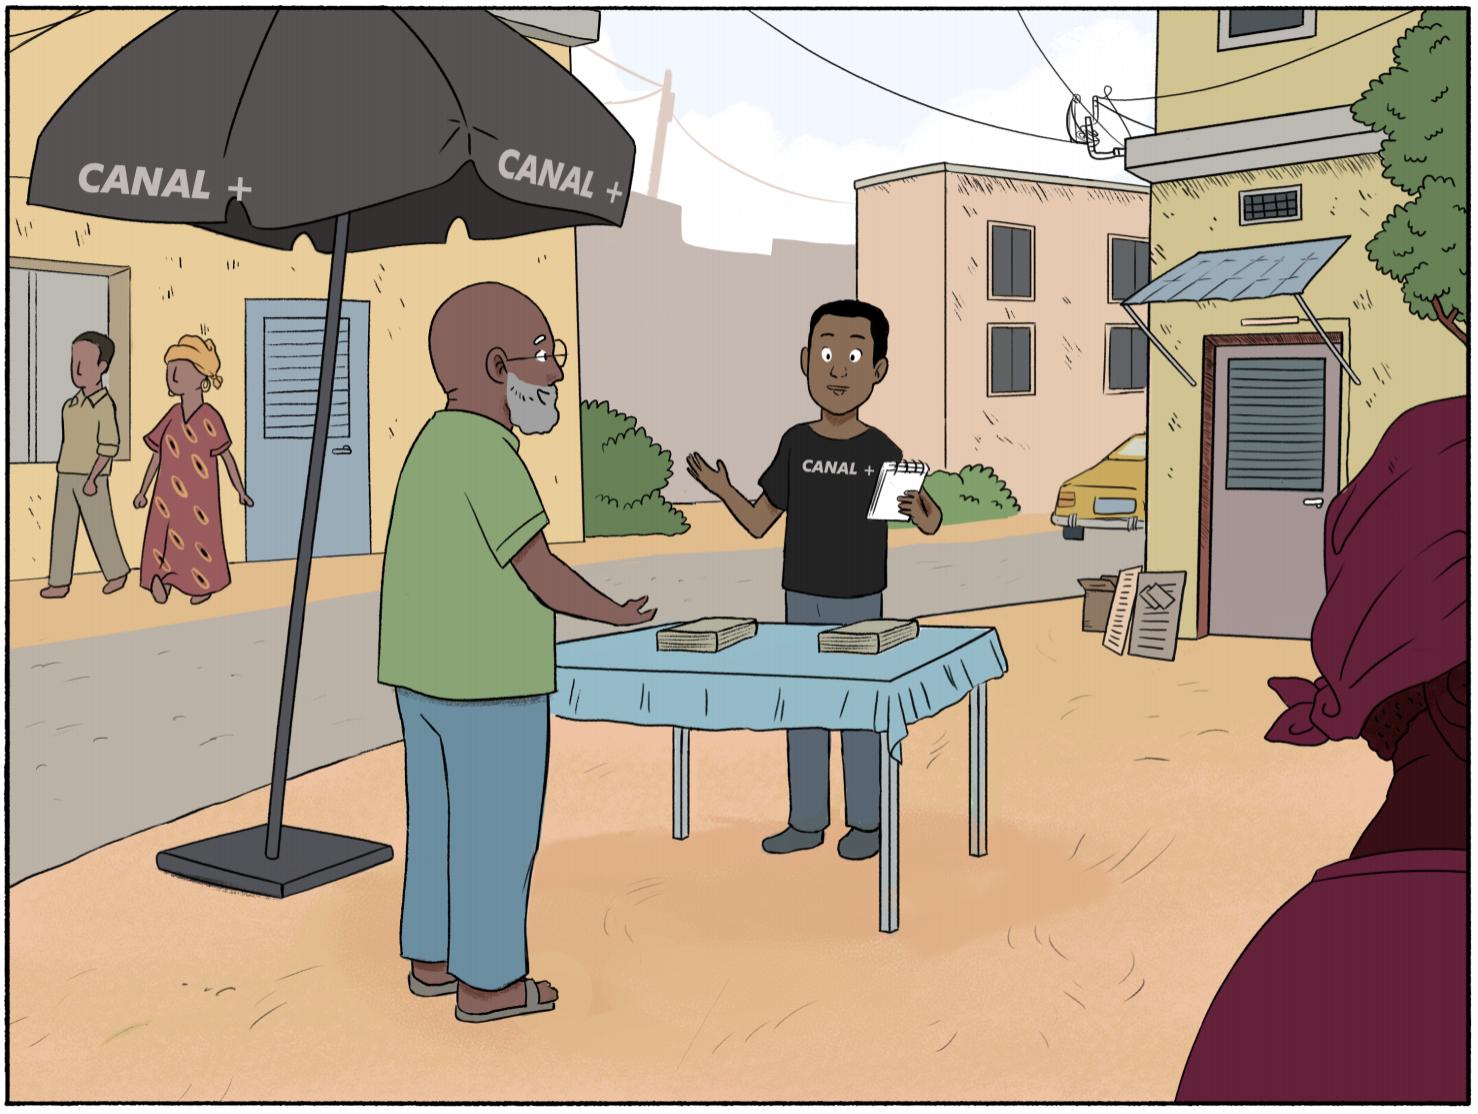 Un commercial Canal+ attire des prospects dans une rue en Afrique